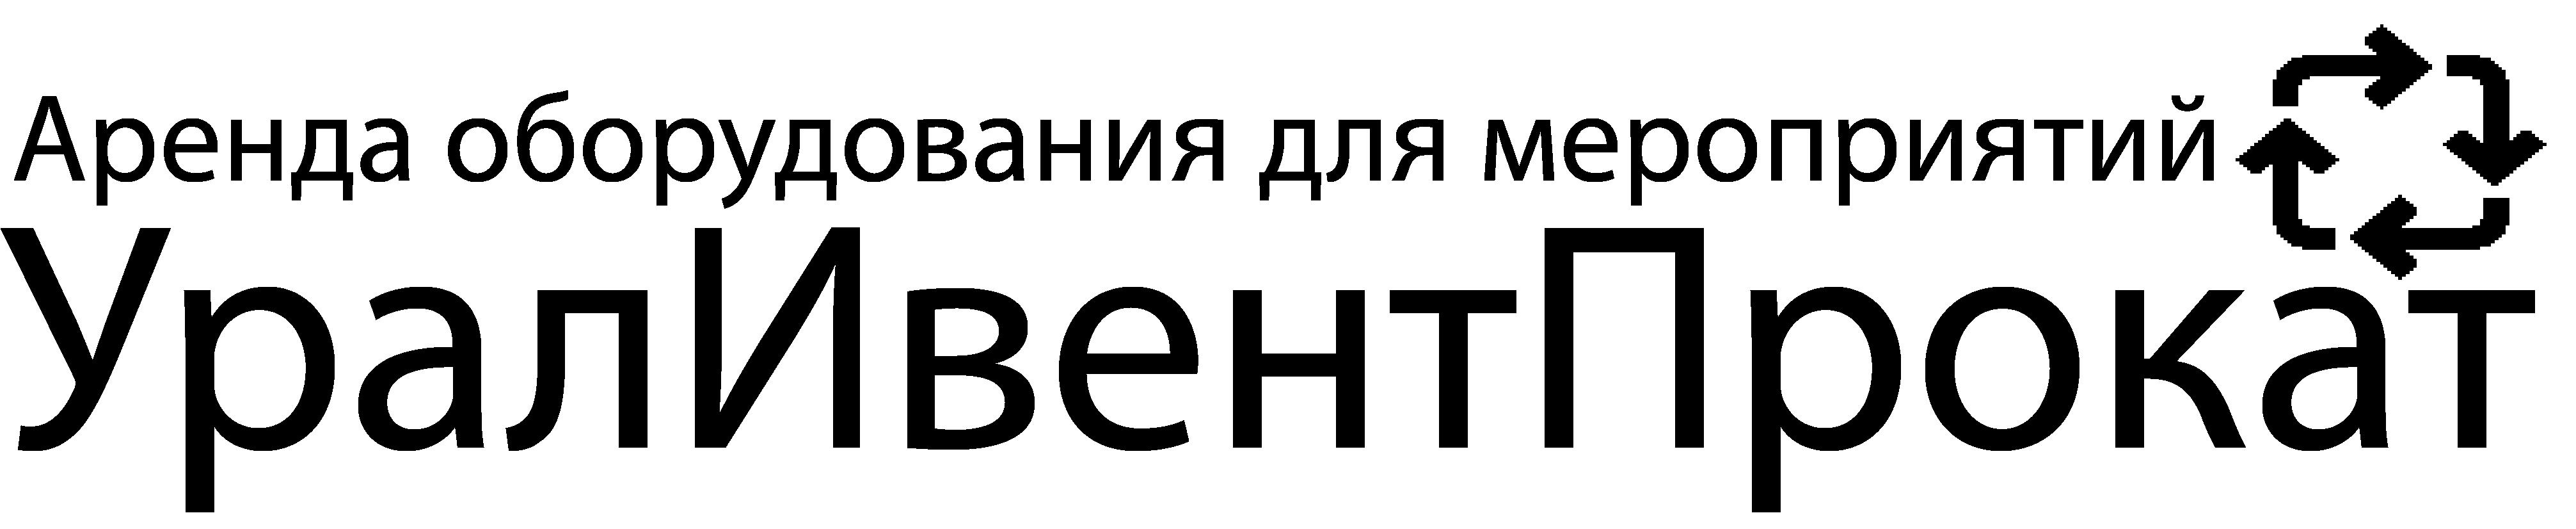 УралИвентПрокат